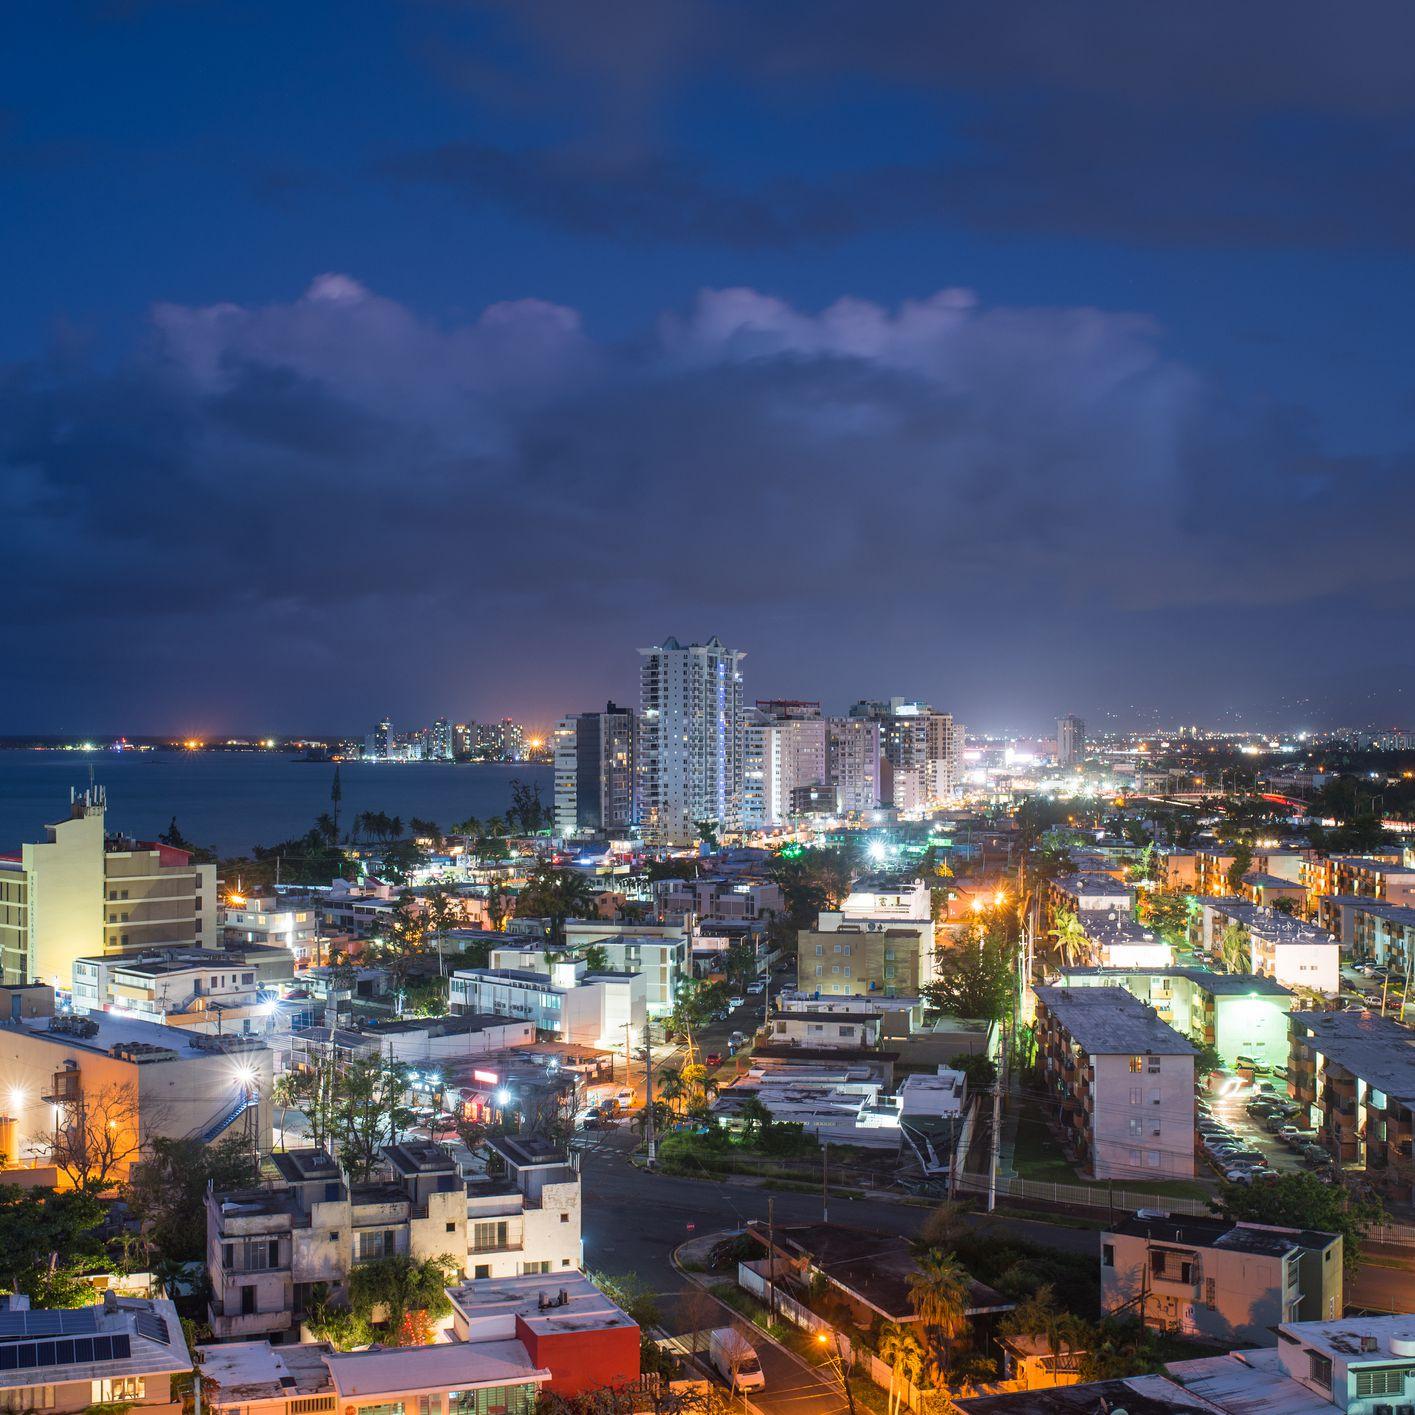 Nightlife in San Juan, Puerto Rico: Best Bars, Clubs, & More